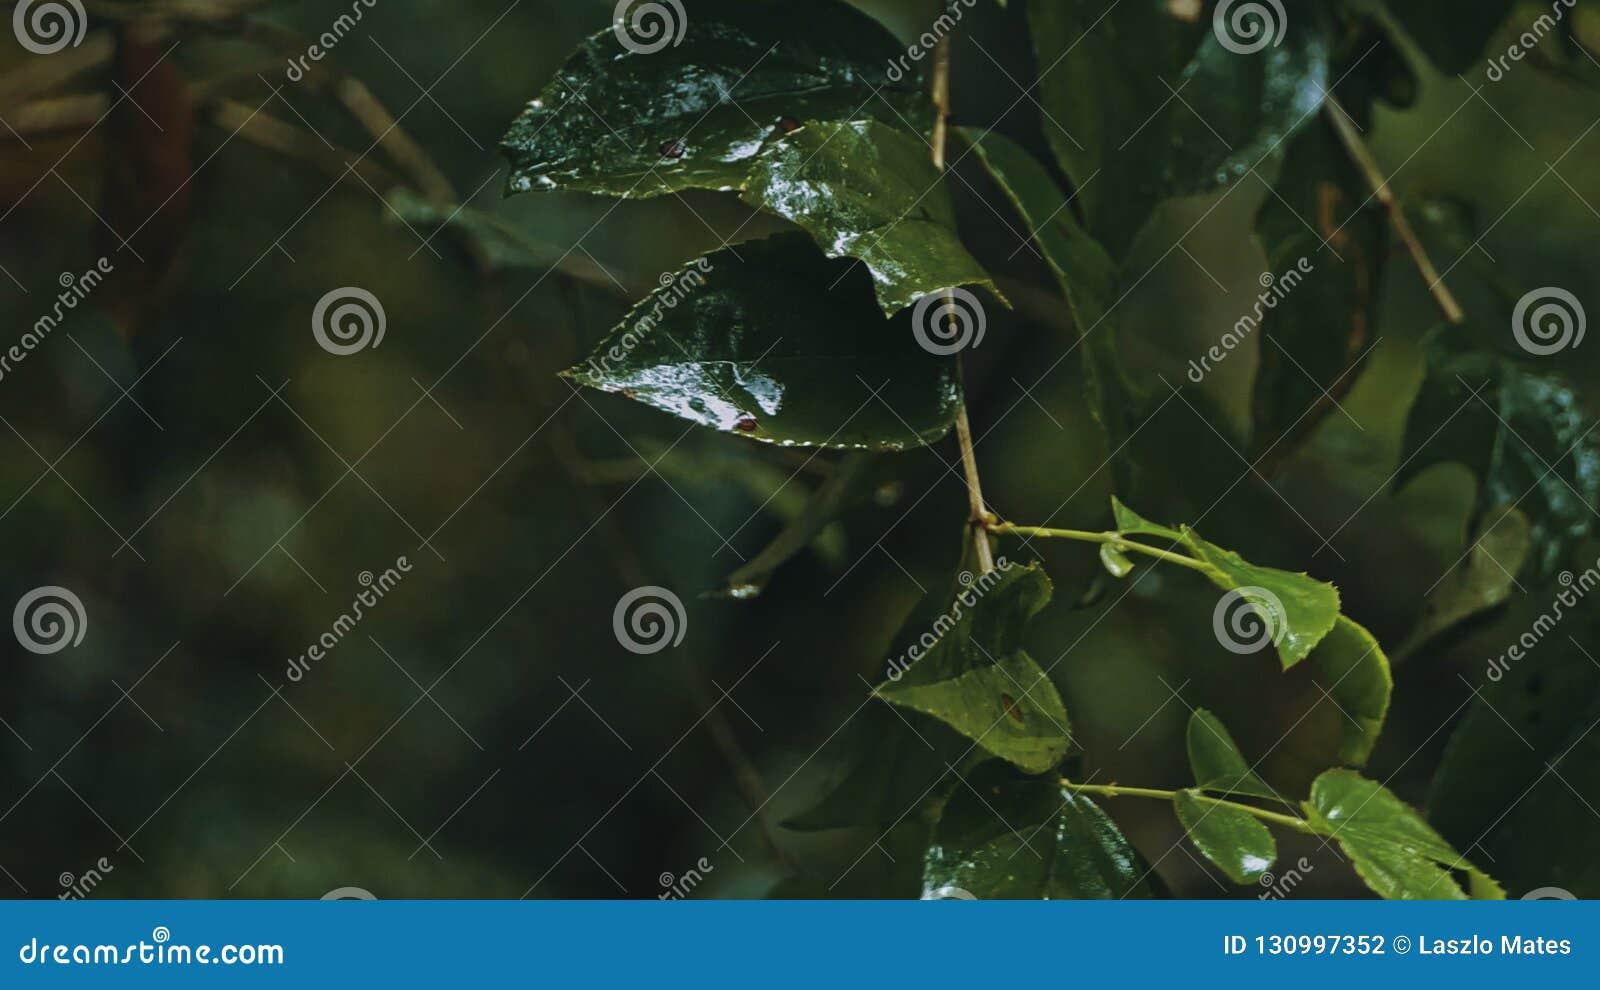 ветвь дерева с листьями во время тяжелого лить тропического дождя на джунглях тропического леса